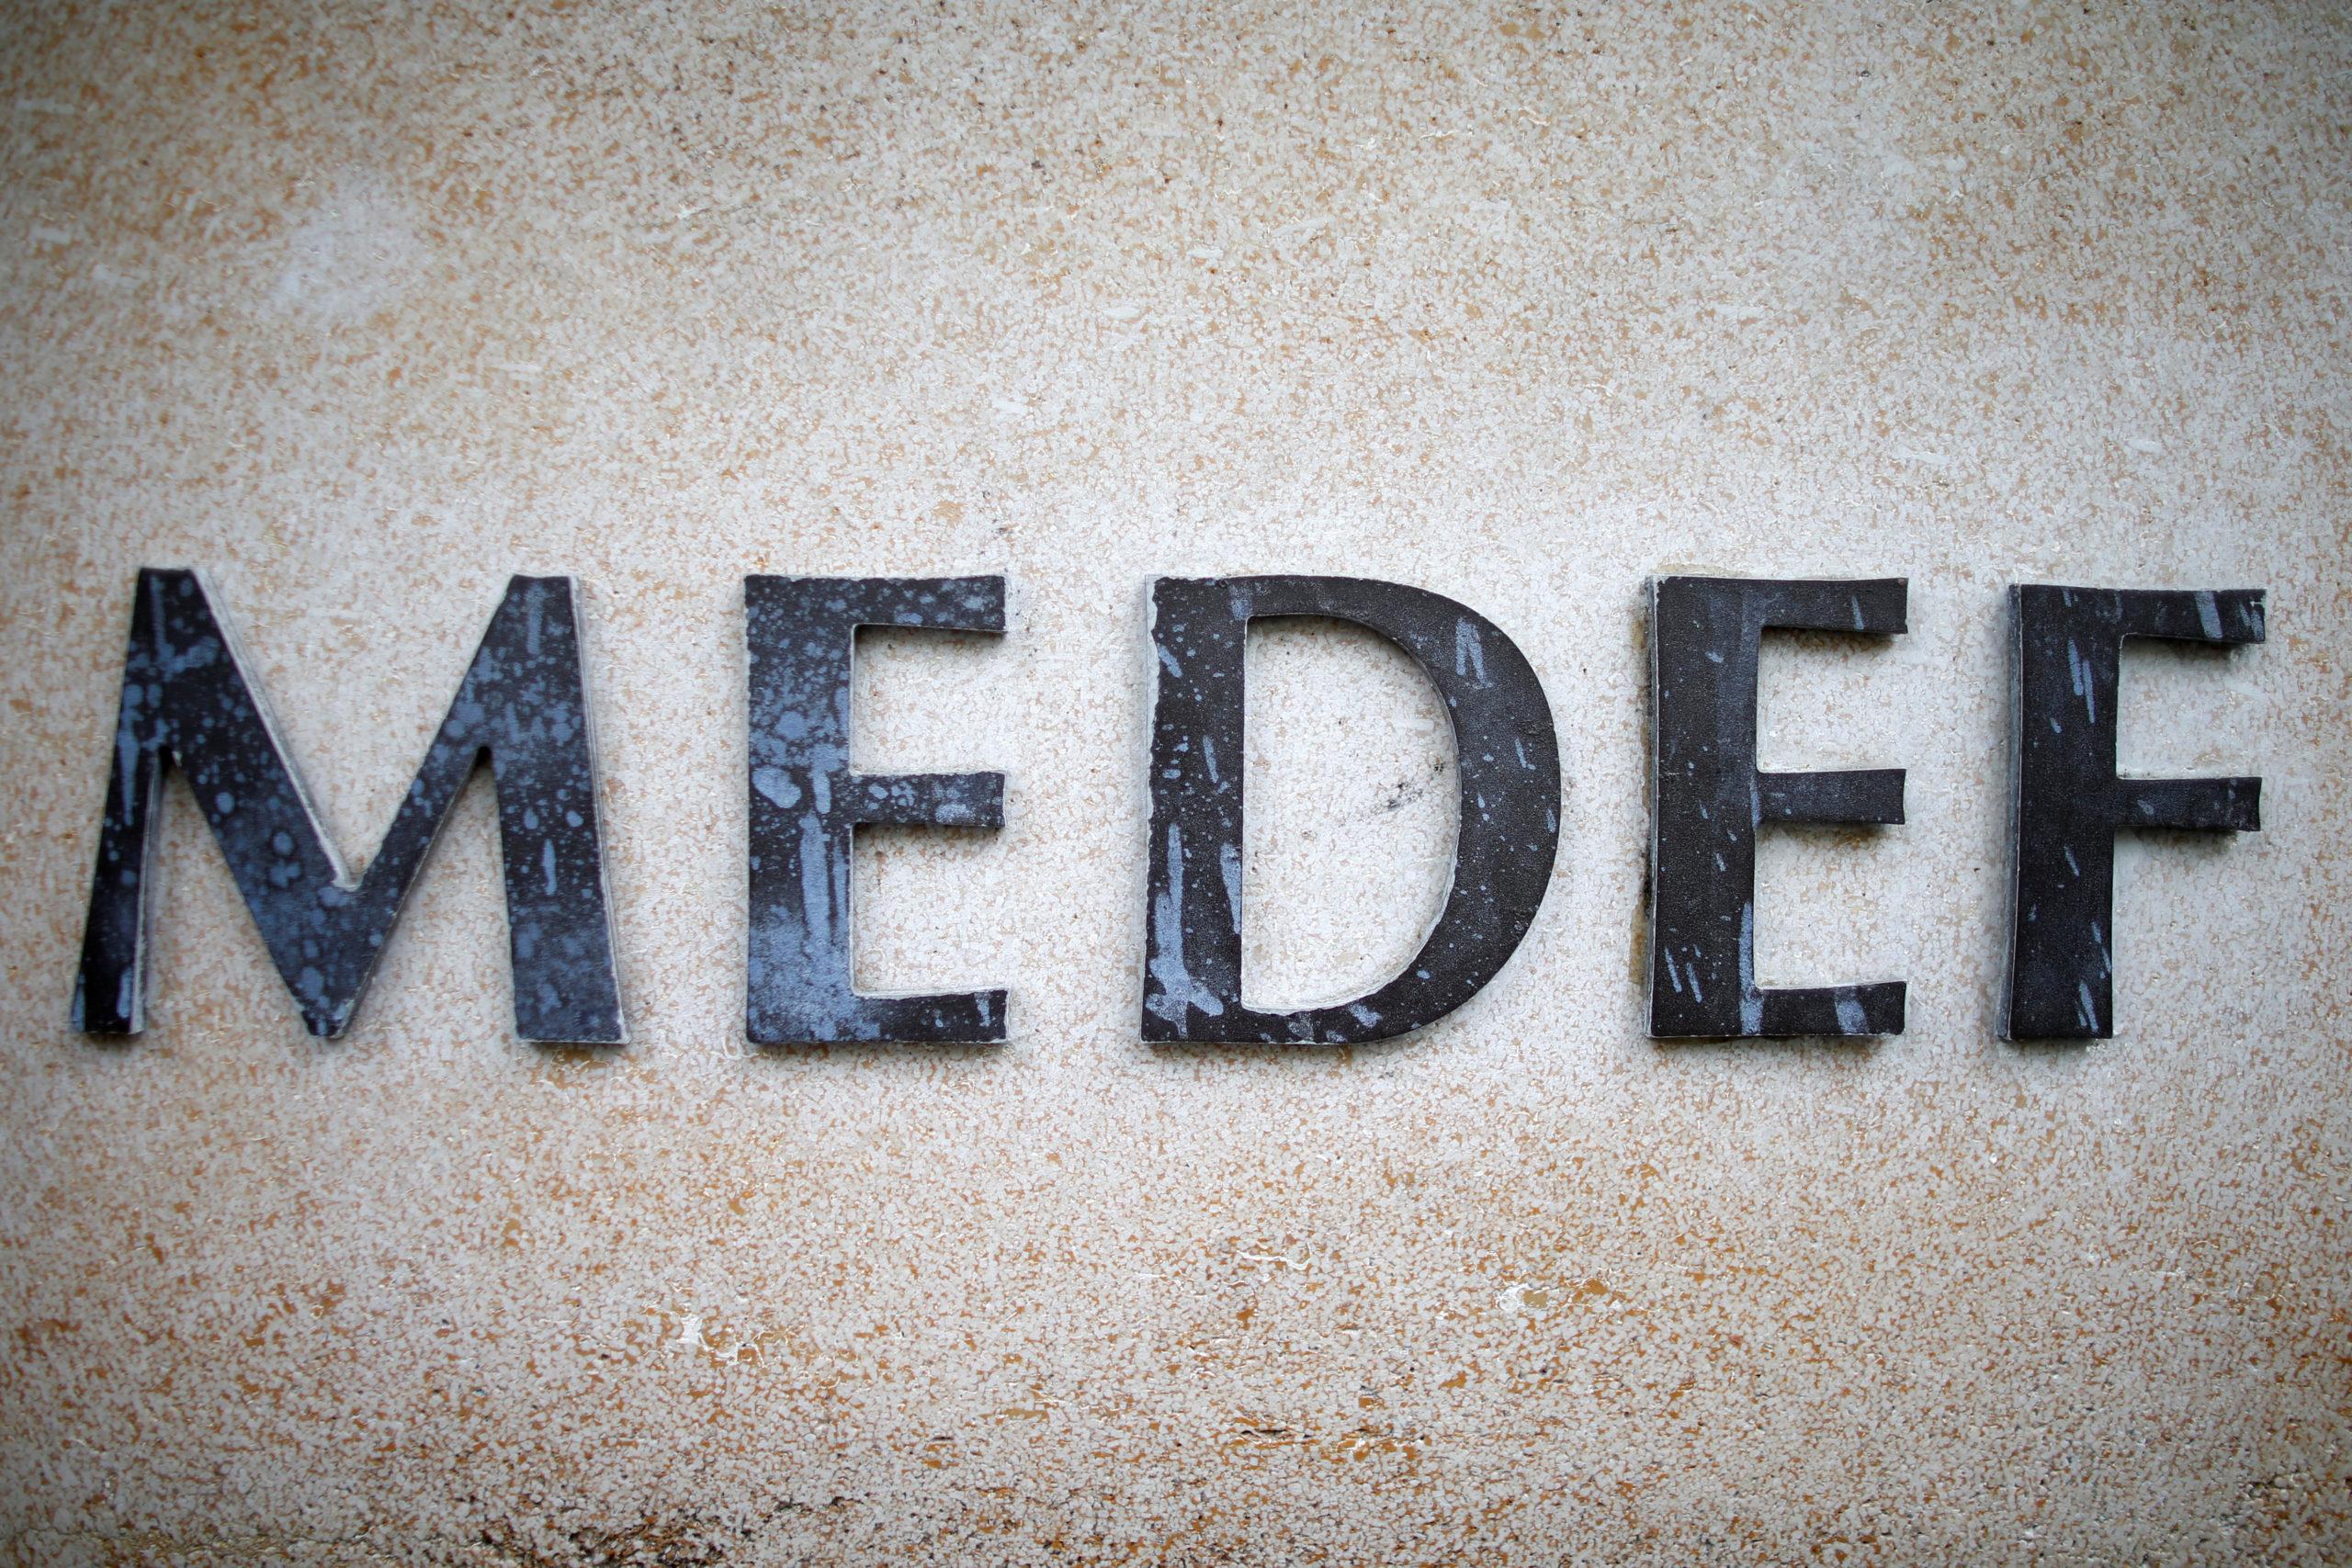 Le président du Medef, Geoffroy Roux de Bézieux, a invité mardi le gouvernement à fixer un âge pivot de départ à la retraite dès aujourd'hui pour rétablir l'équilibre du système en 2025, date prévue d'entrée en vigueur de la réforme visant à créer un régime universel. /Photo d'archives/REUTERS/Charles Platiau